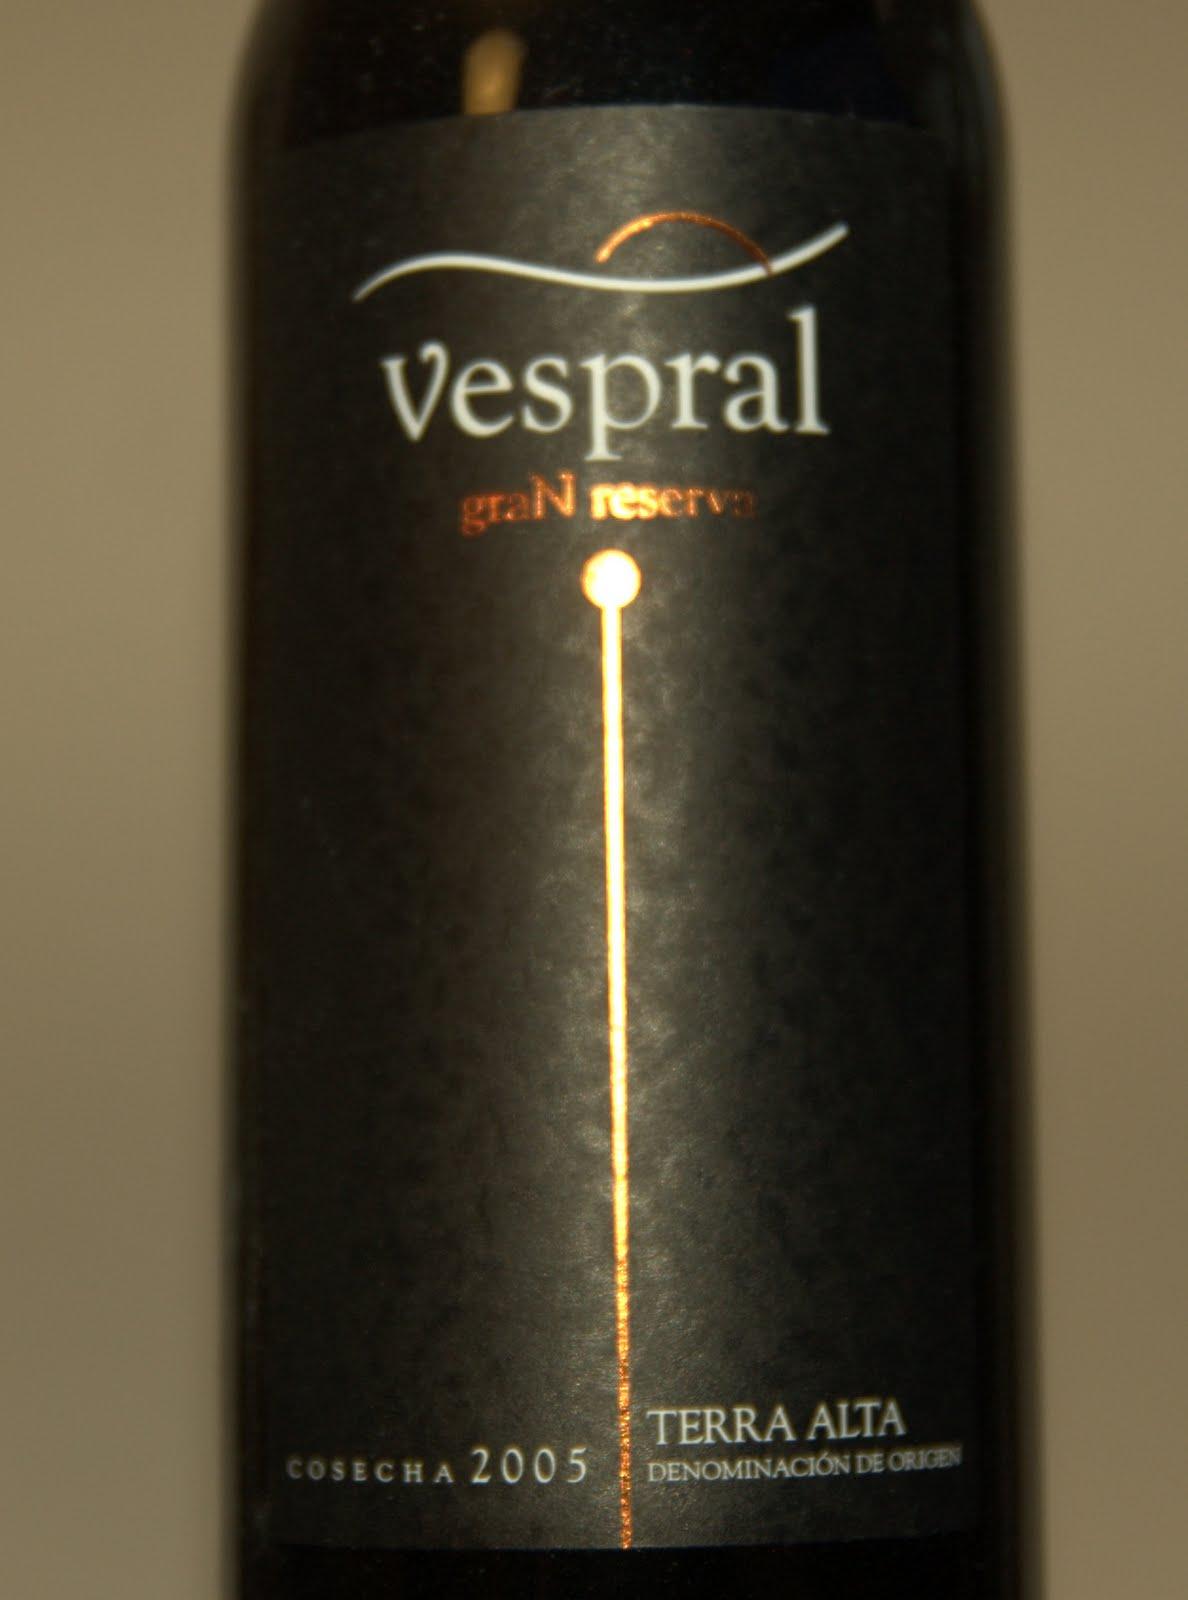 Vinos aceptables en supermercado por menos de 5€ - Página 2 Vespral-gran-reserva-437823